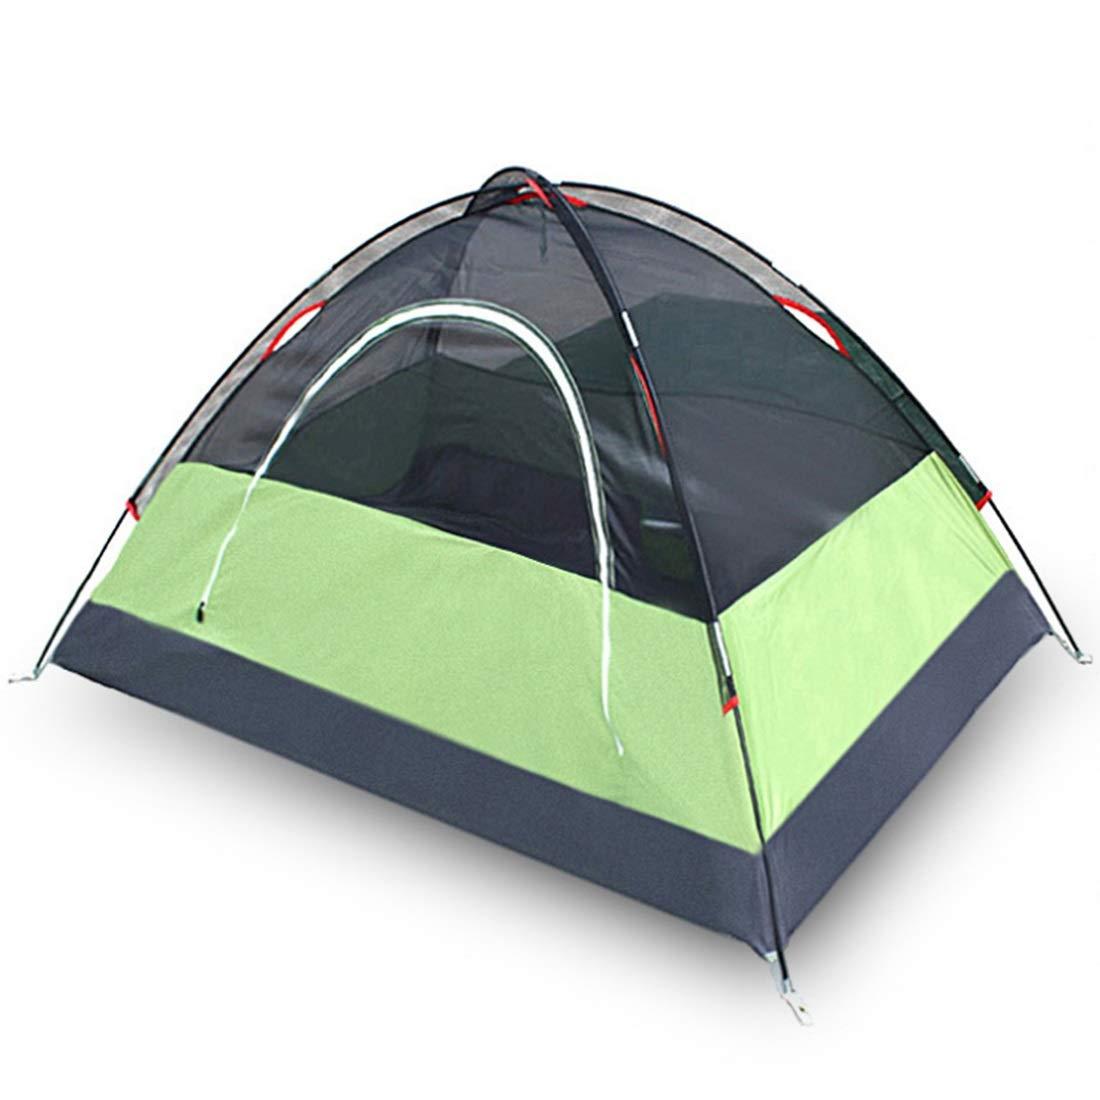 Fepelasi kampierendes Wildes kampierendes Fepelasi Zelt im Freien für 1 Person (Farbe   Grün) fa1ecf